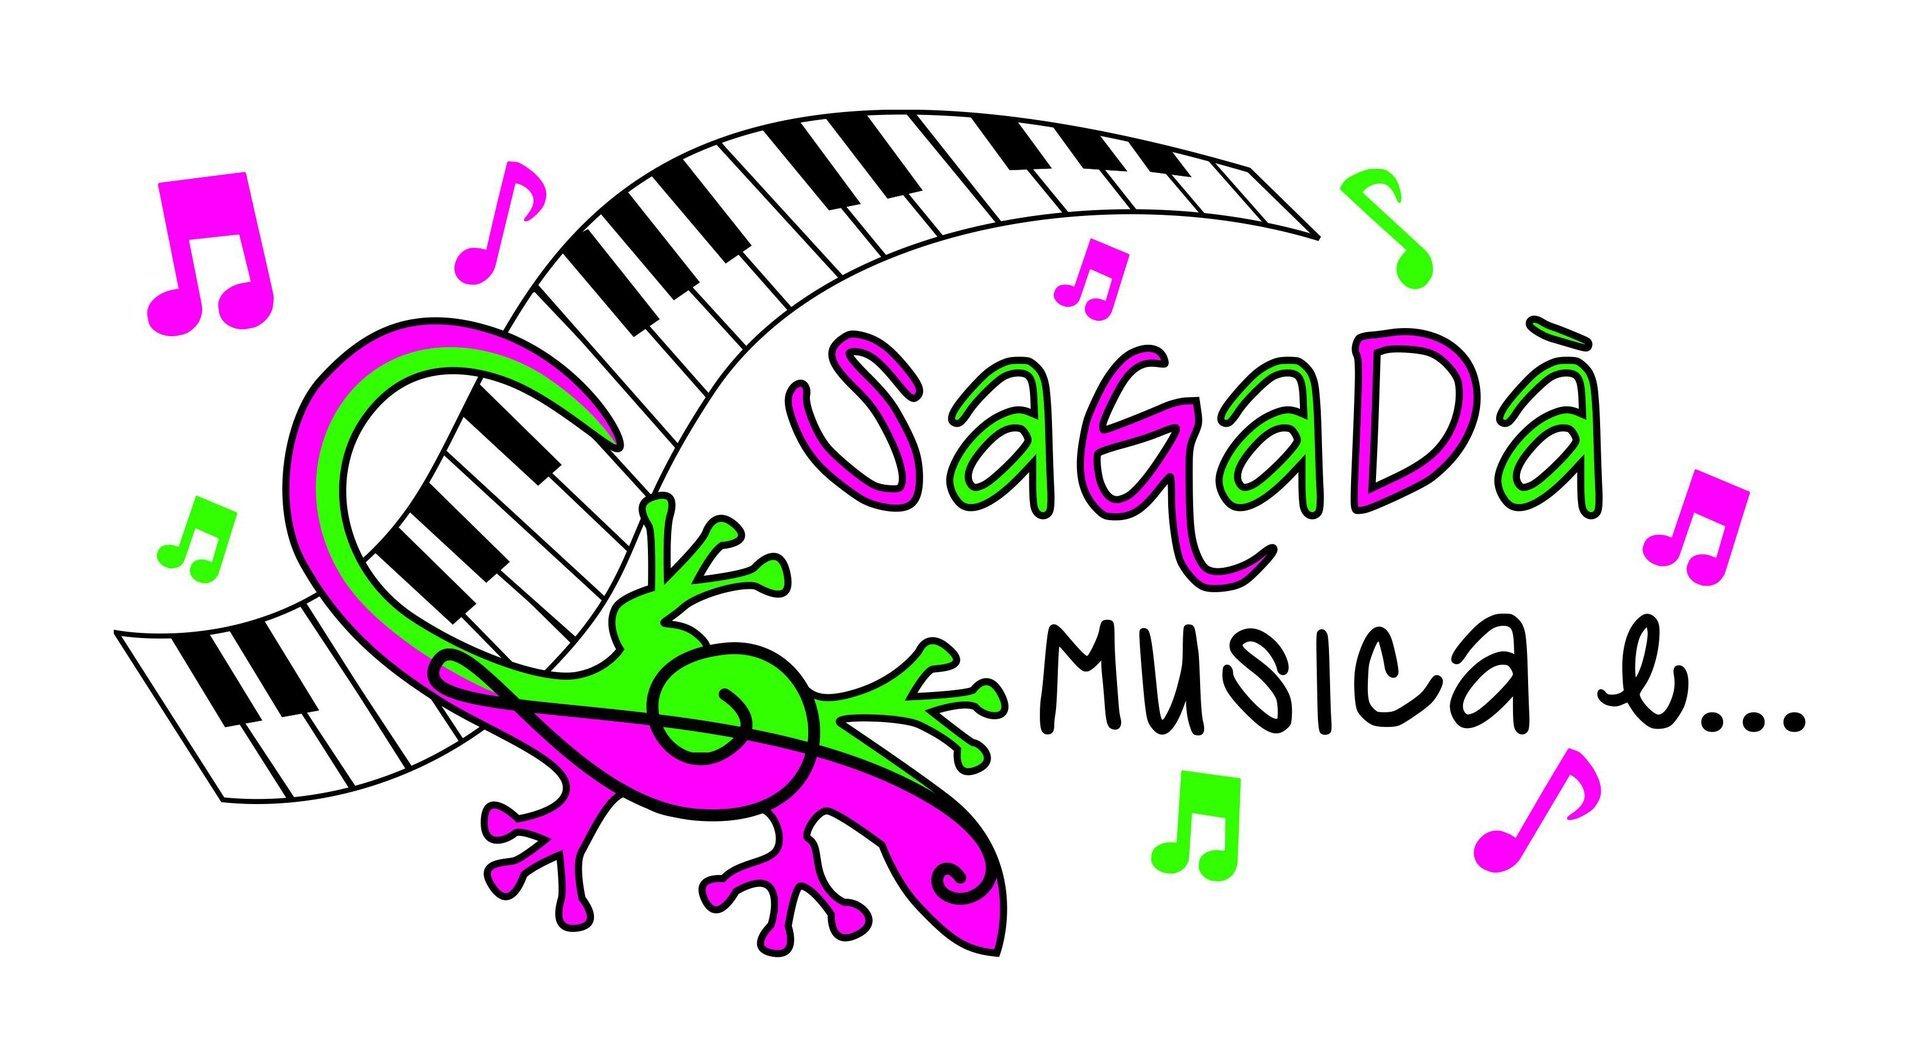 SAGADÀ MUSICA E ... - LOGO